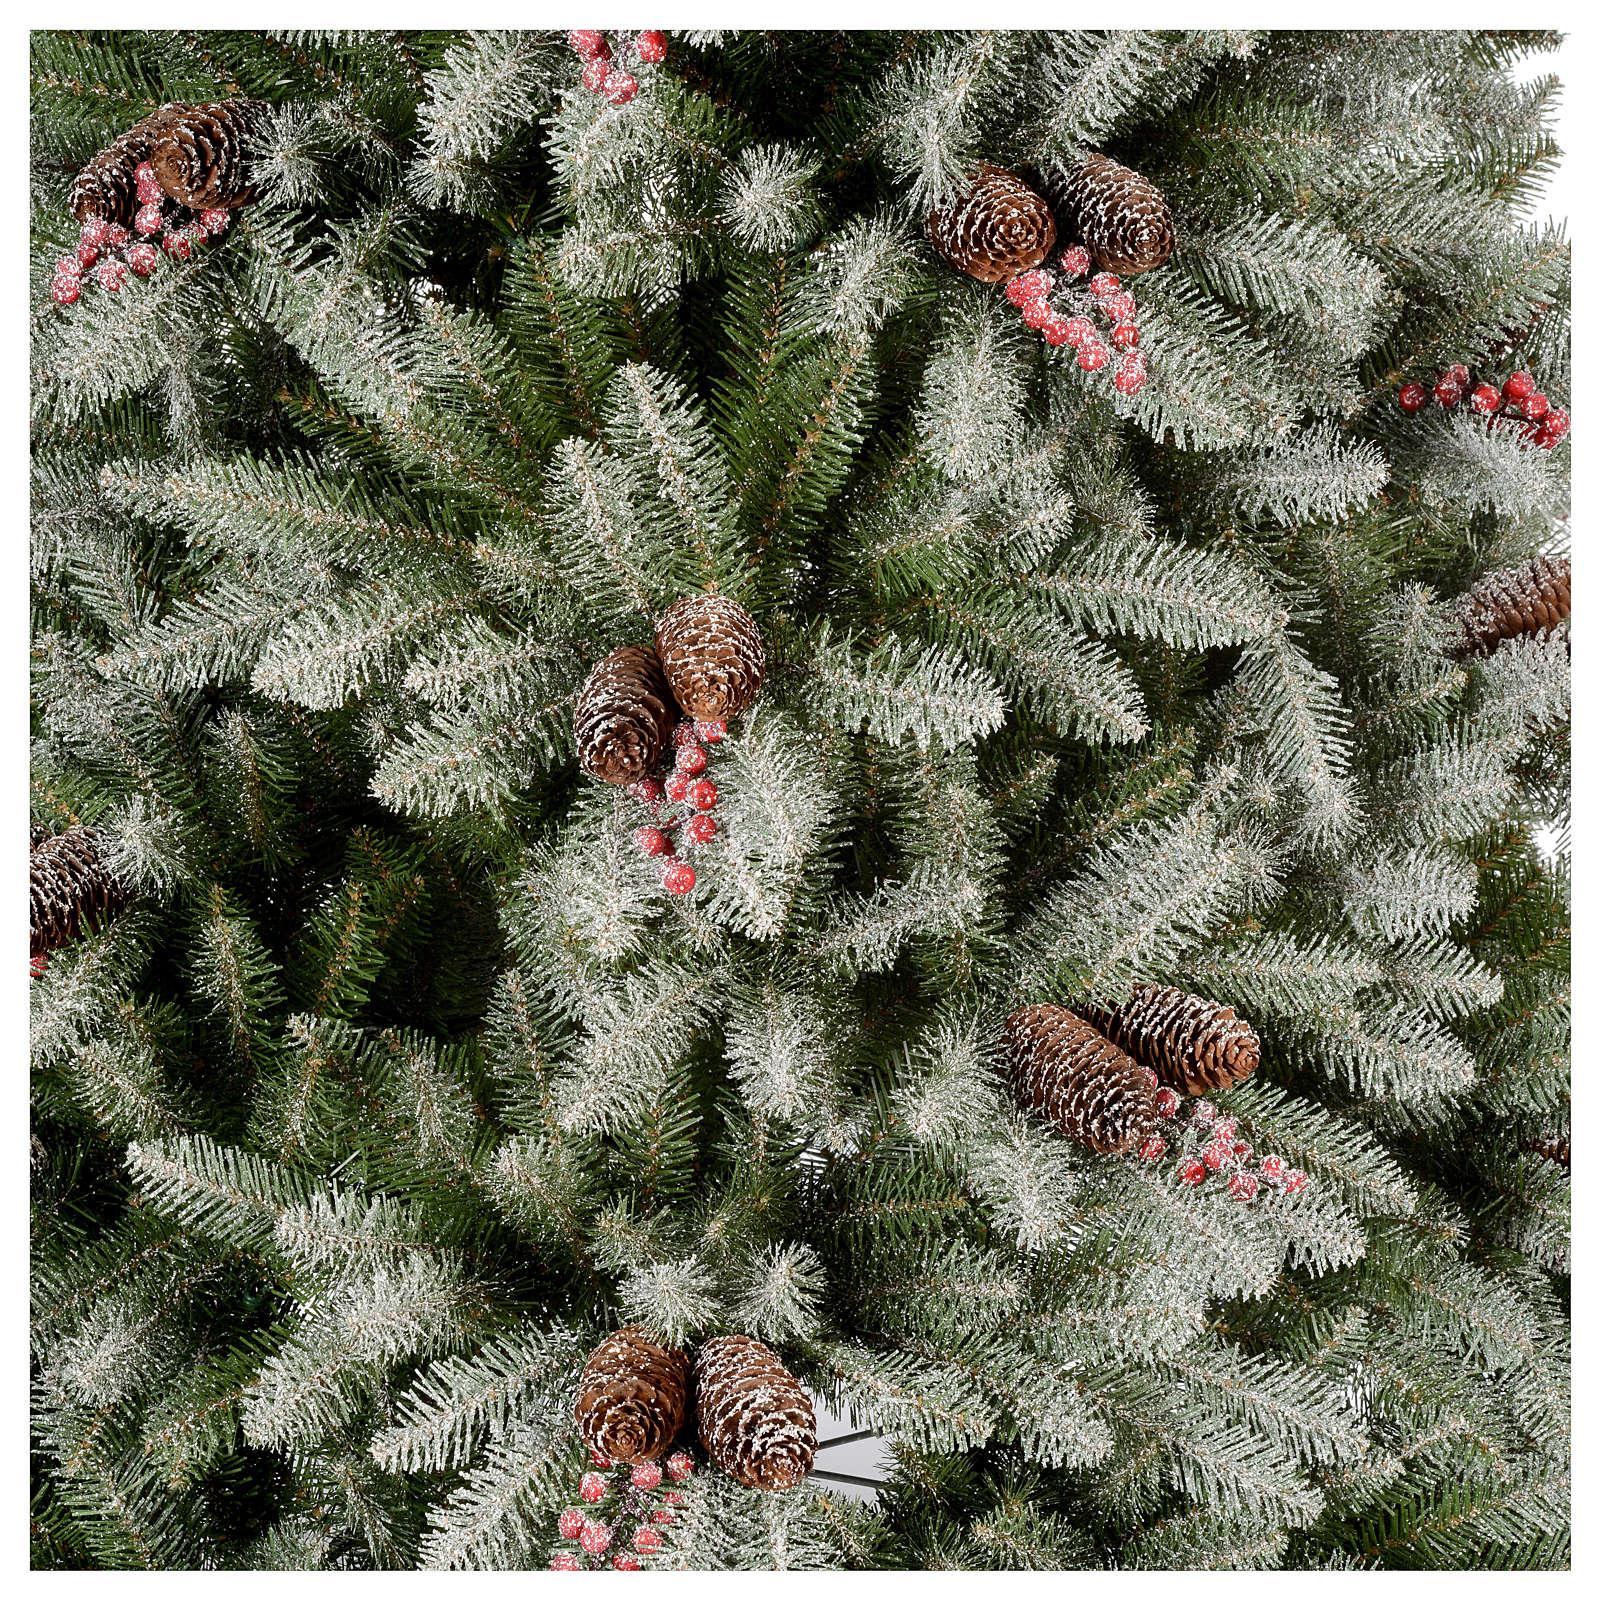 Sapin de Noël 240 cm neige baies et pommes pin Dunhill 3